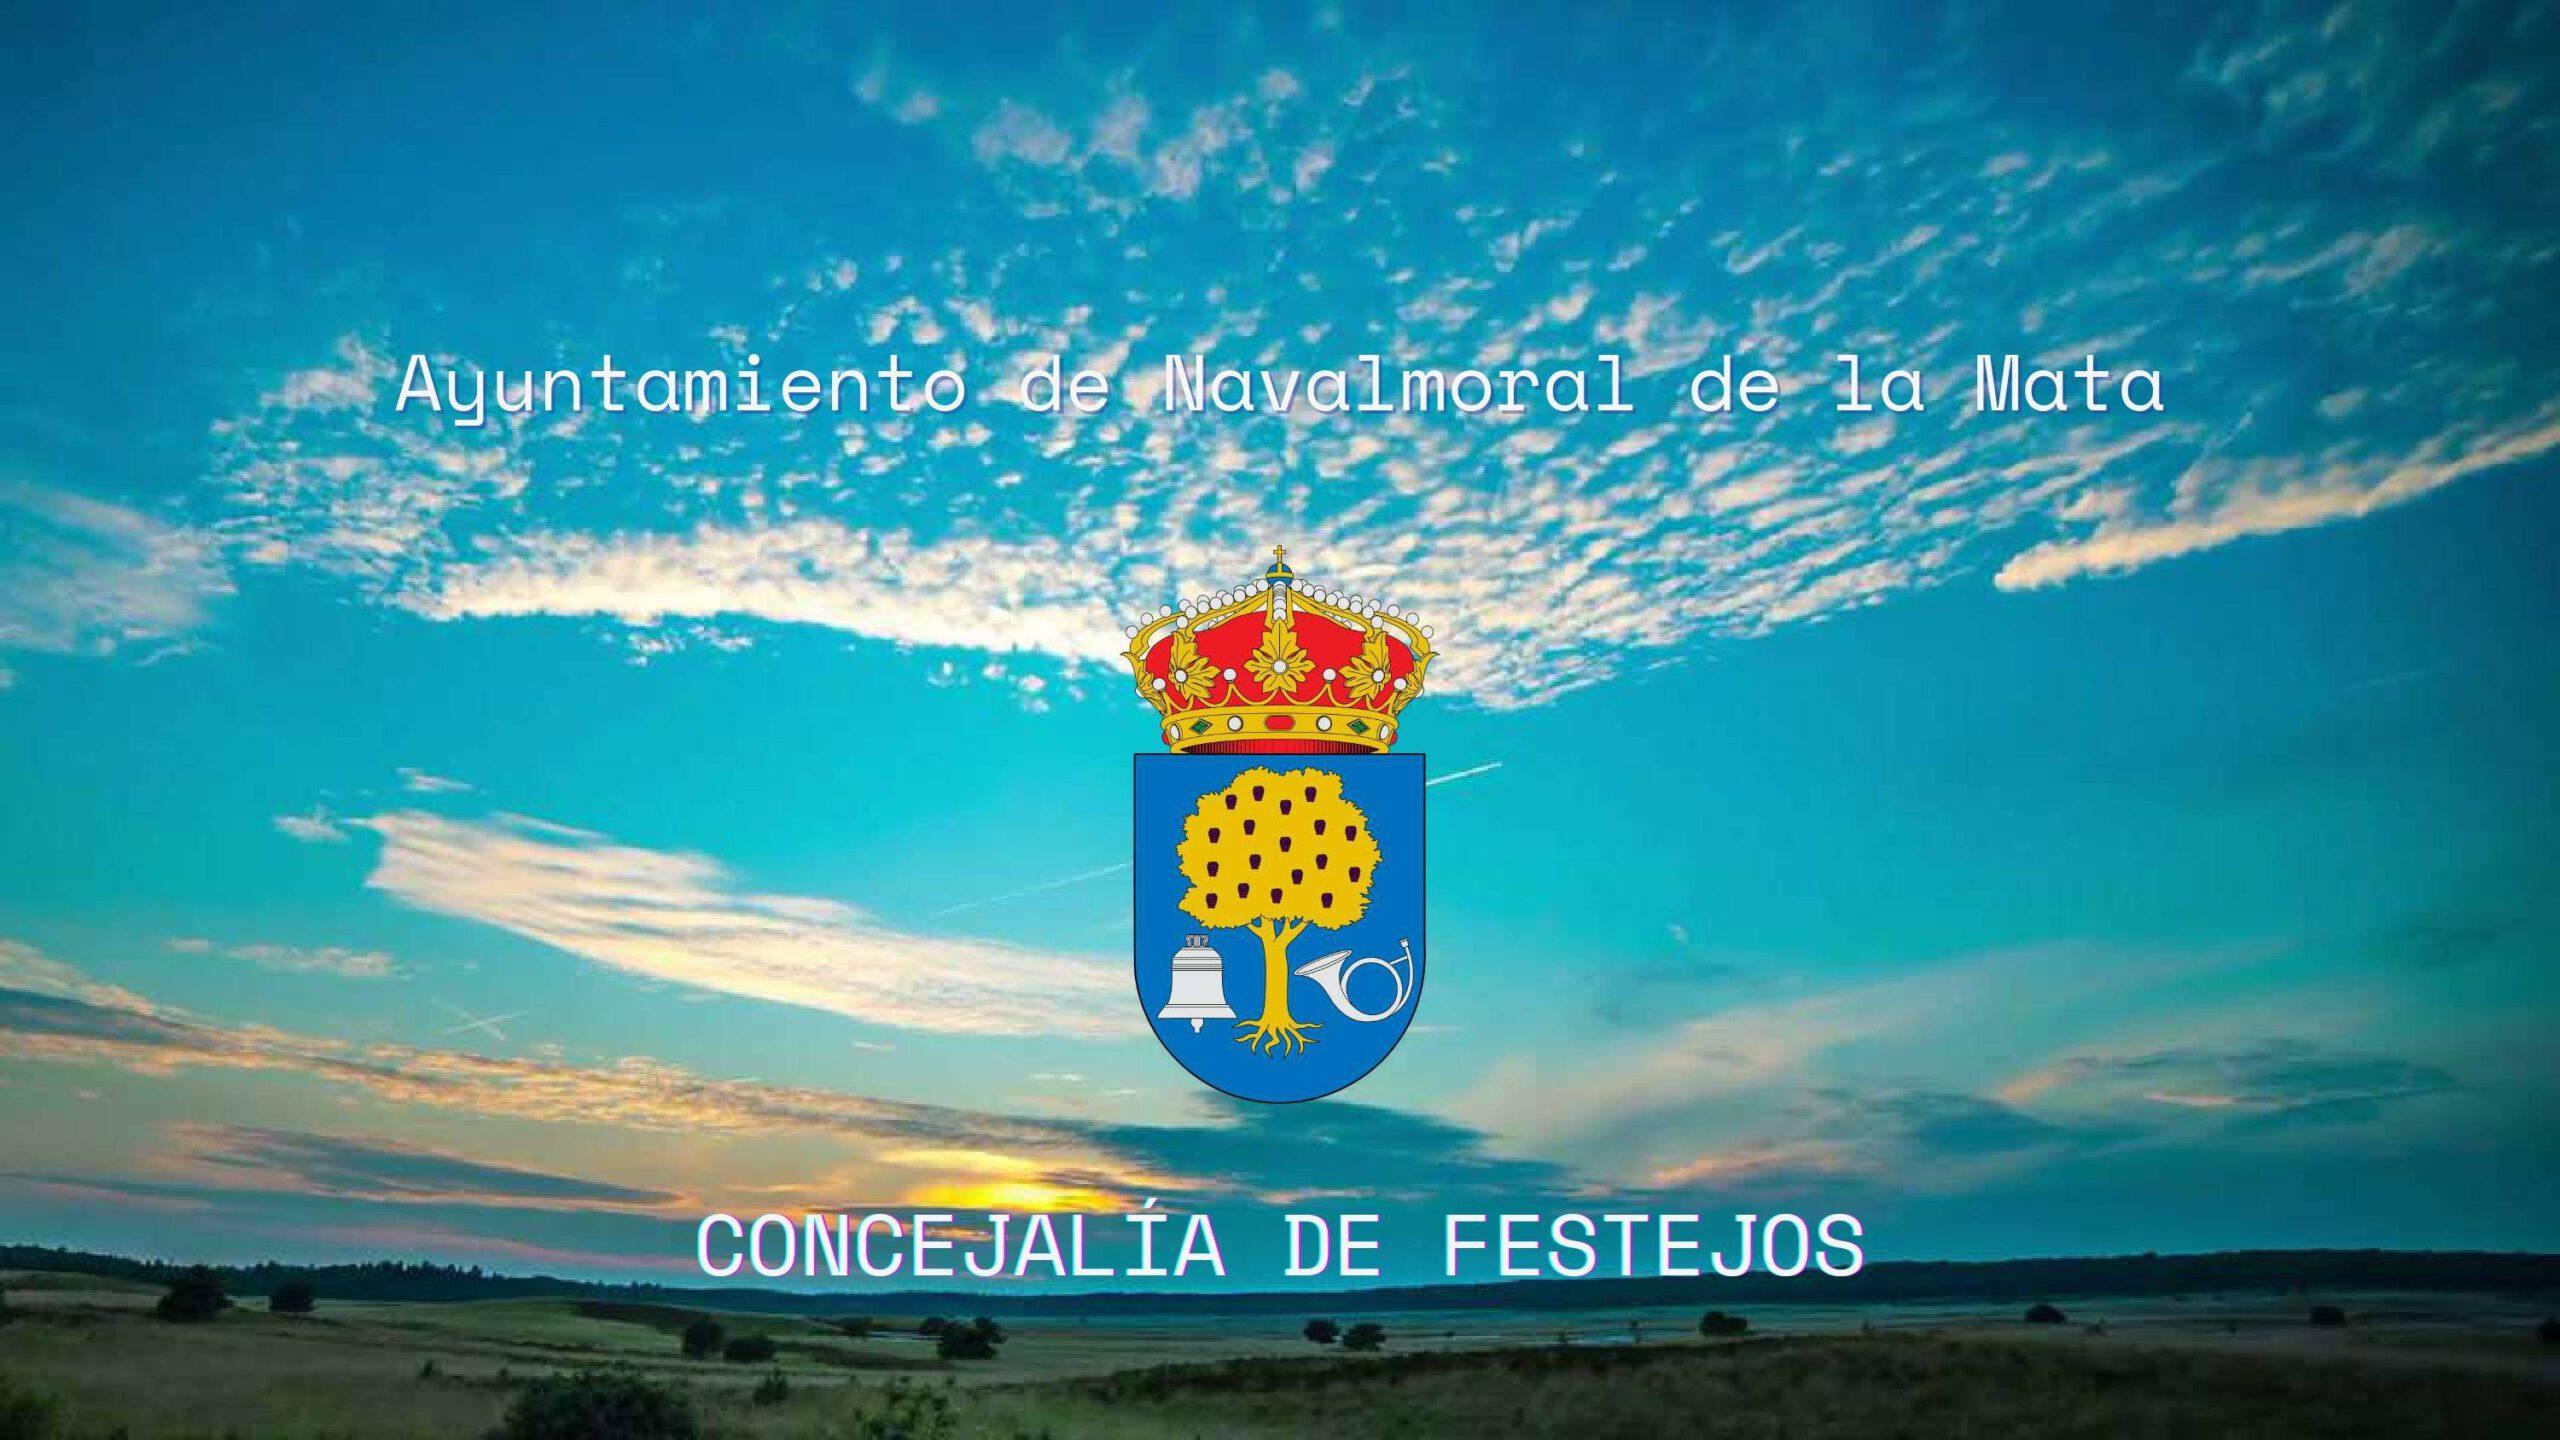 San Miguel (2021) - Navalmoral de la Mata (Cáceres) 8